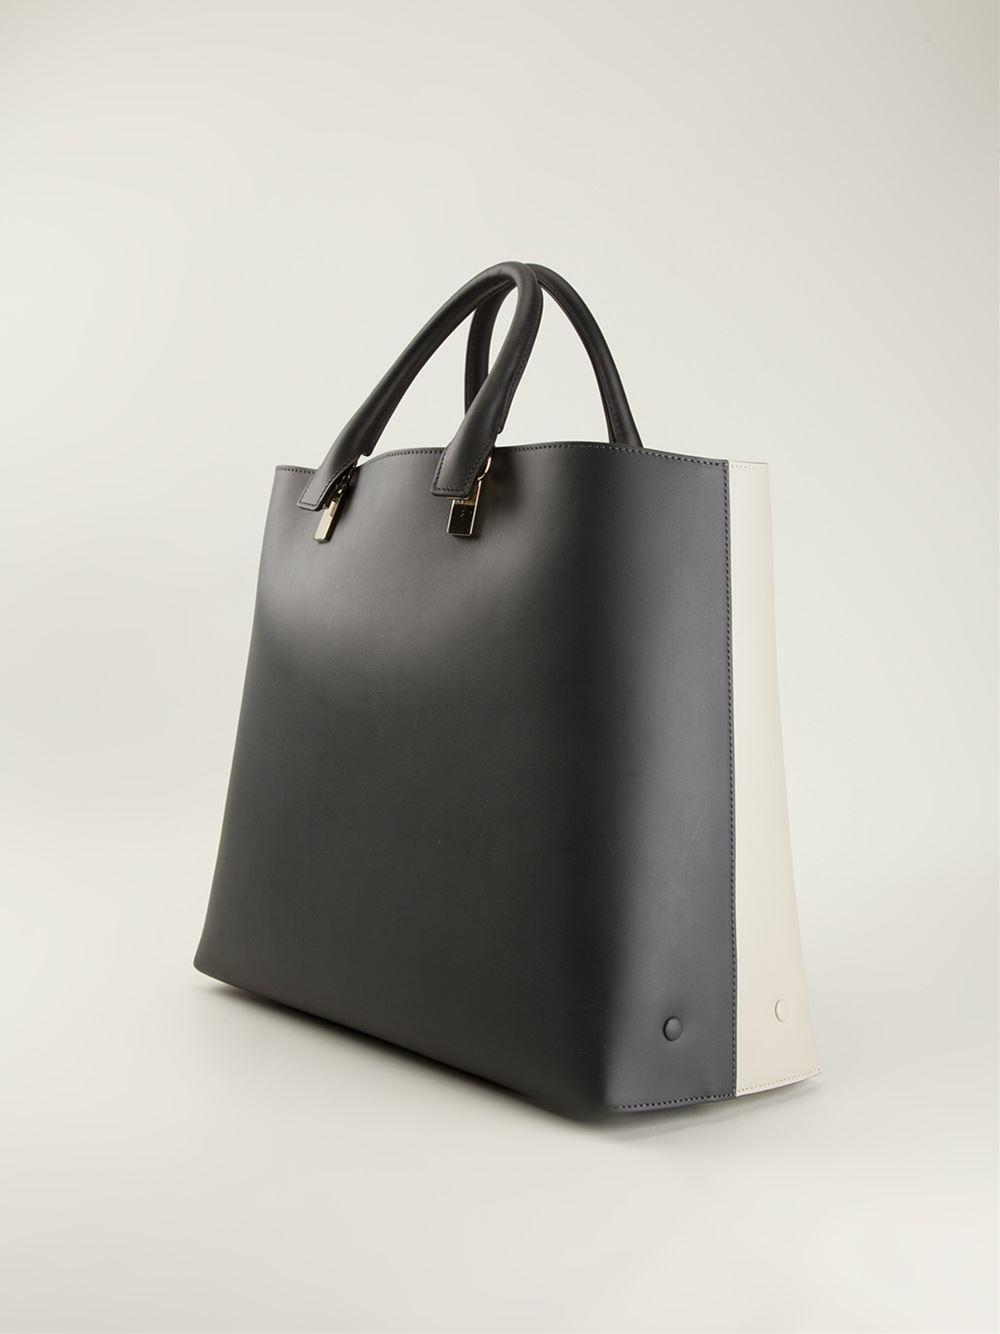 Chlo¨¦ Baylee Tote Bag in Black | Lyst